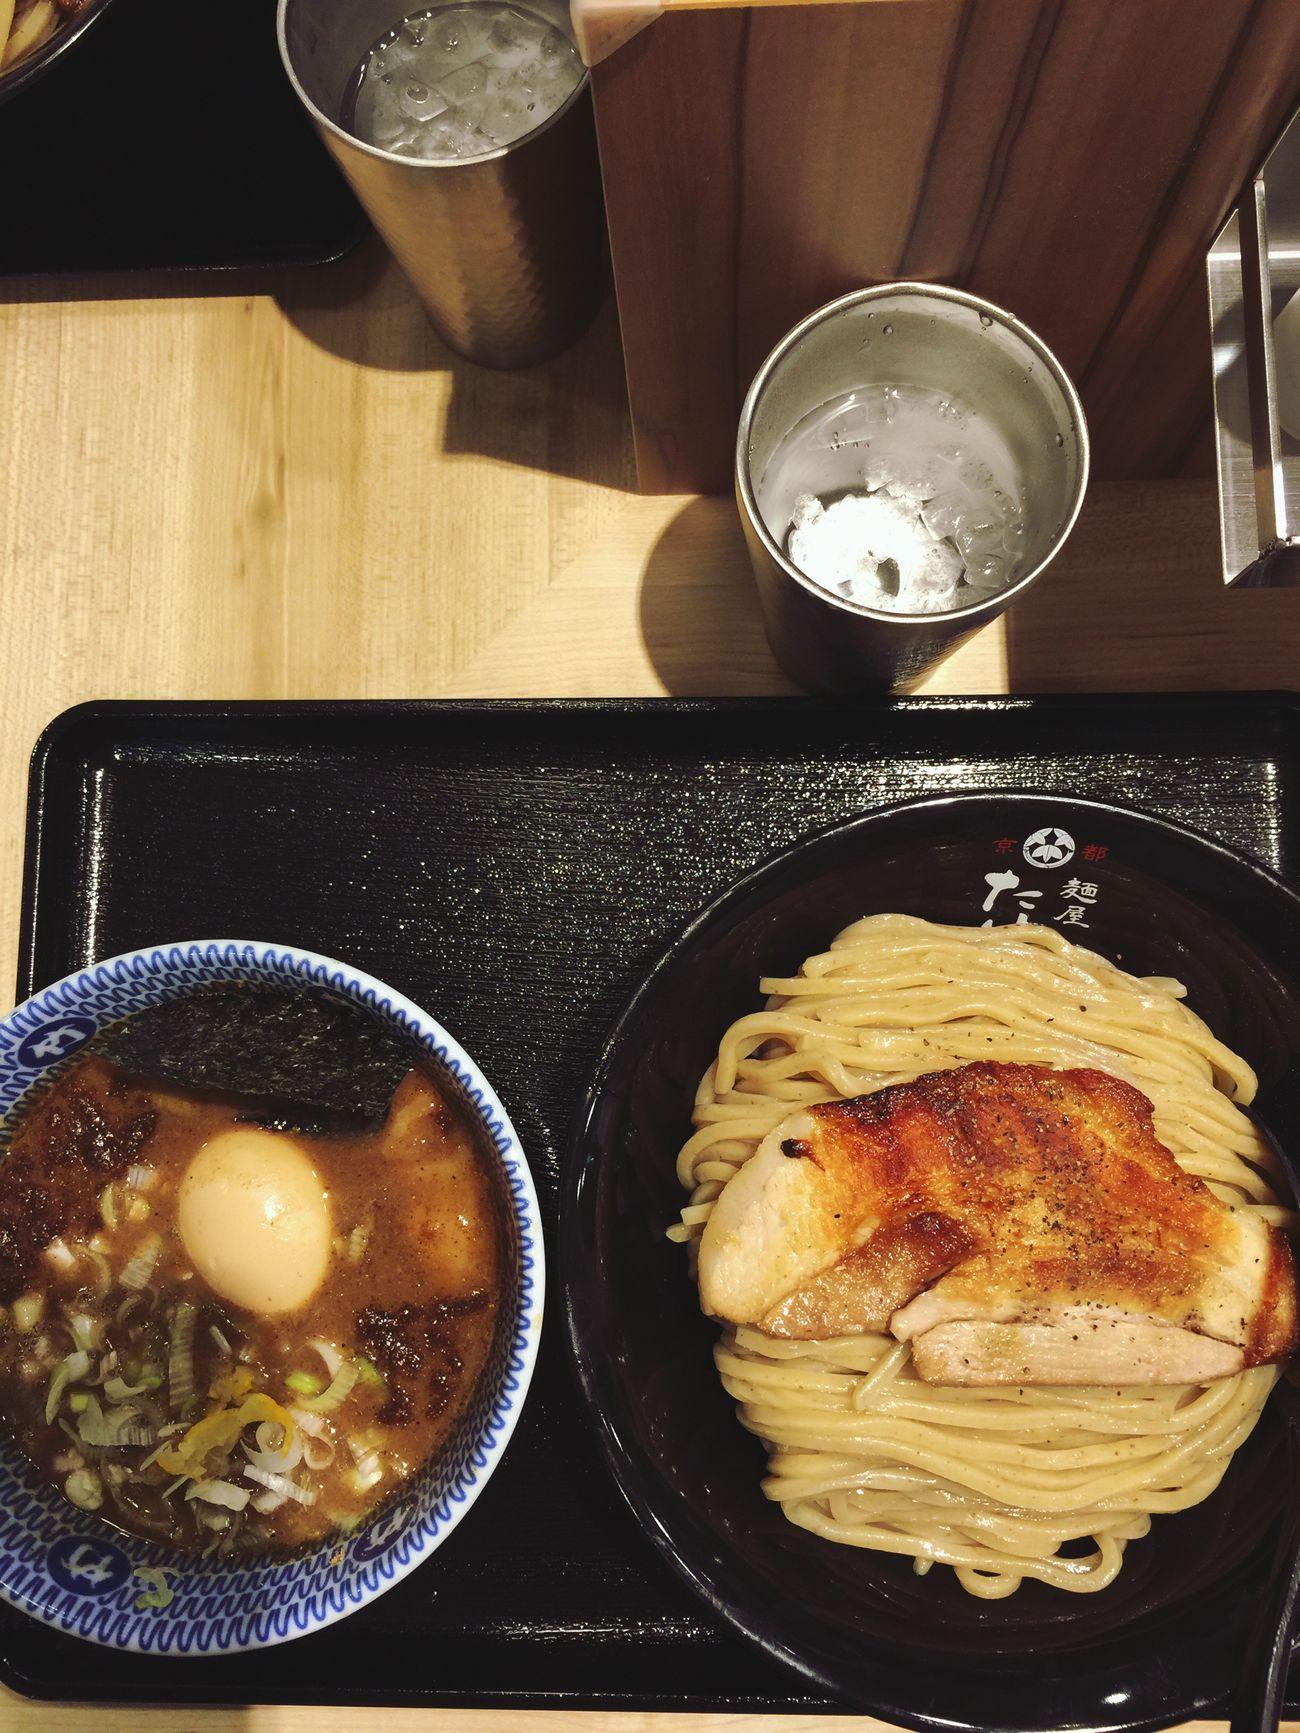 待望のたけ井。テイガクの麺だし激しく美味しかったです〜。 Vscocam Enjoying A Meal Vscocam #vsco ラーメン ラヲタ ラ女子 Ramen 大阪市 梅田